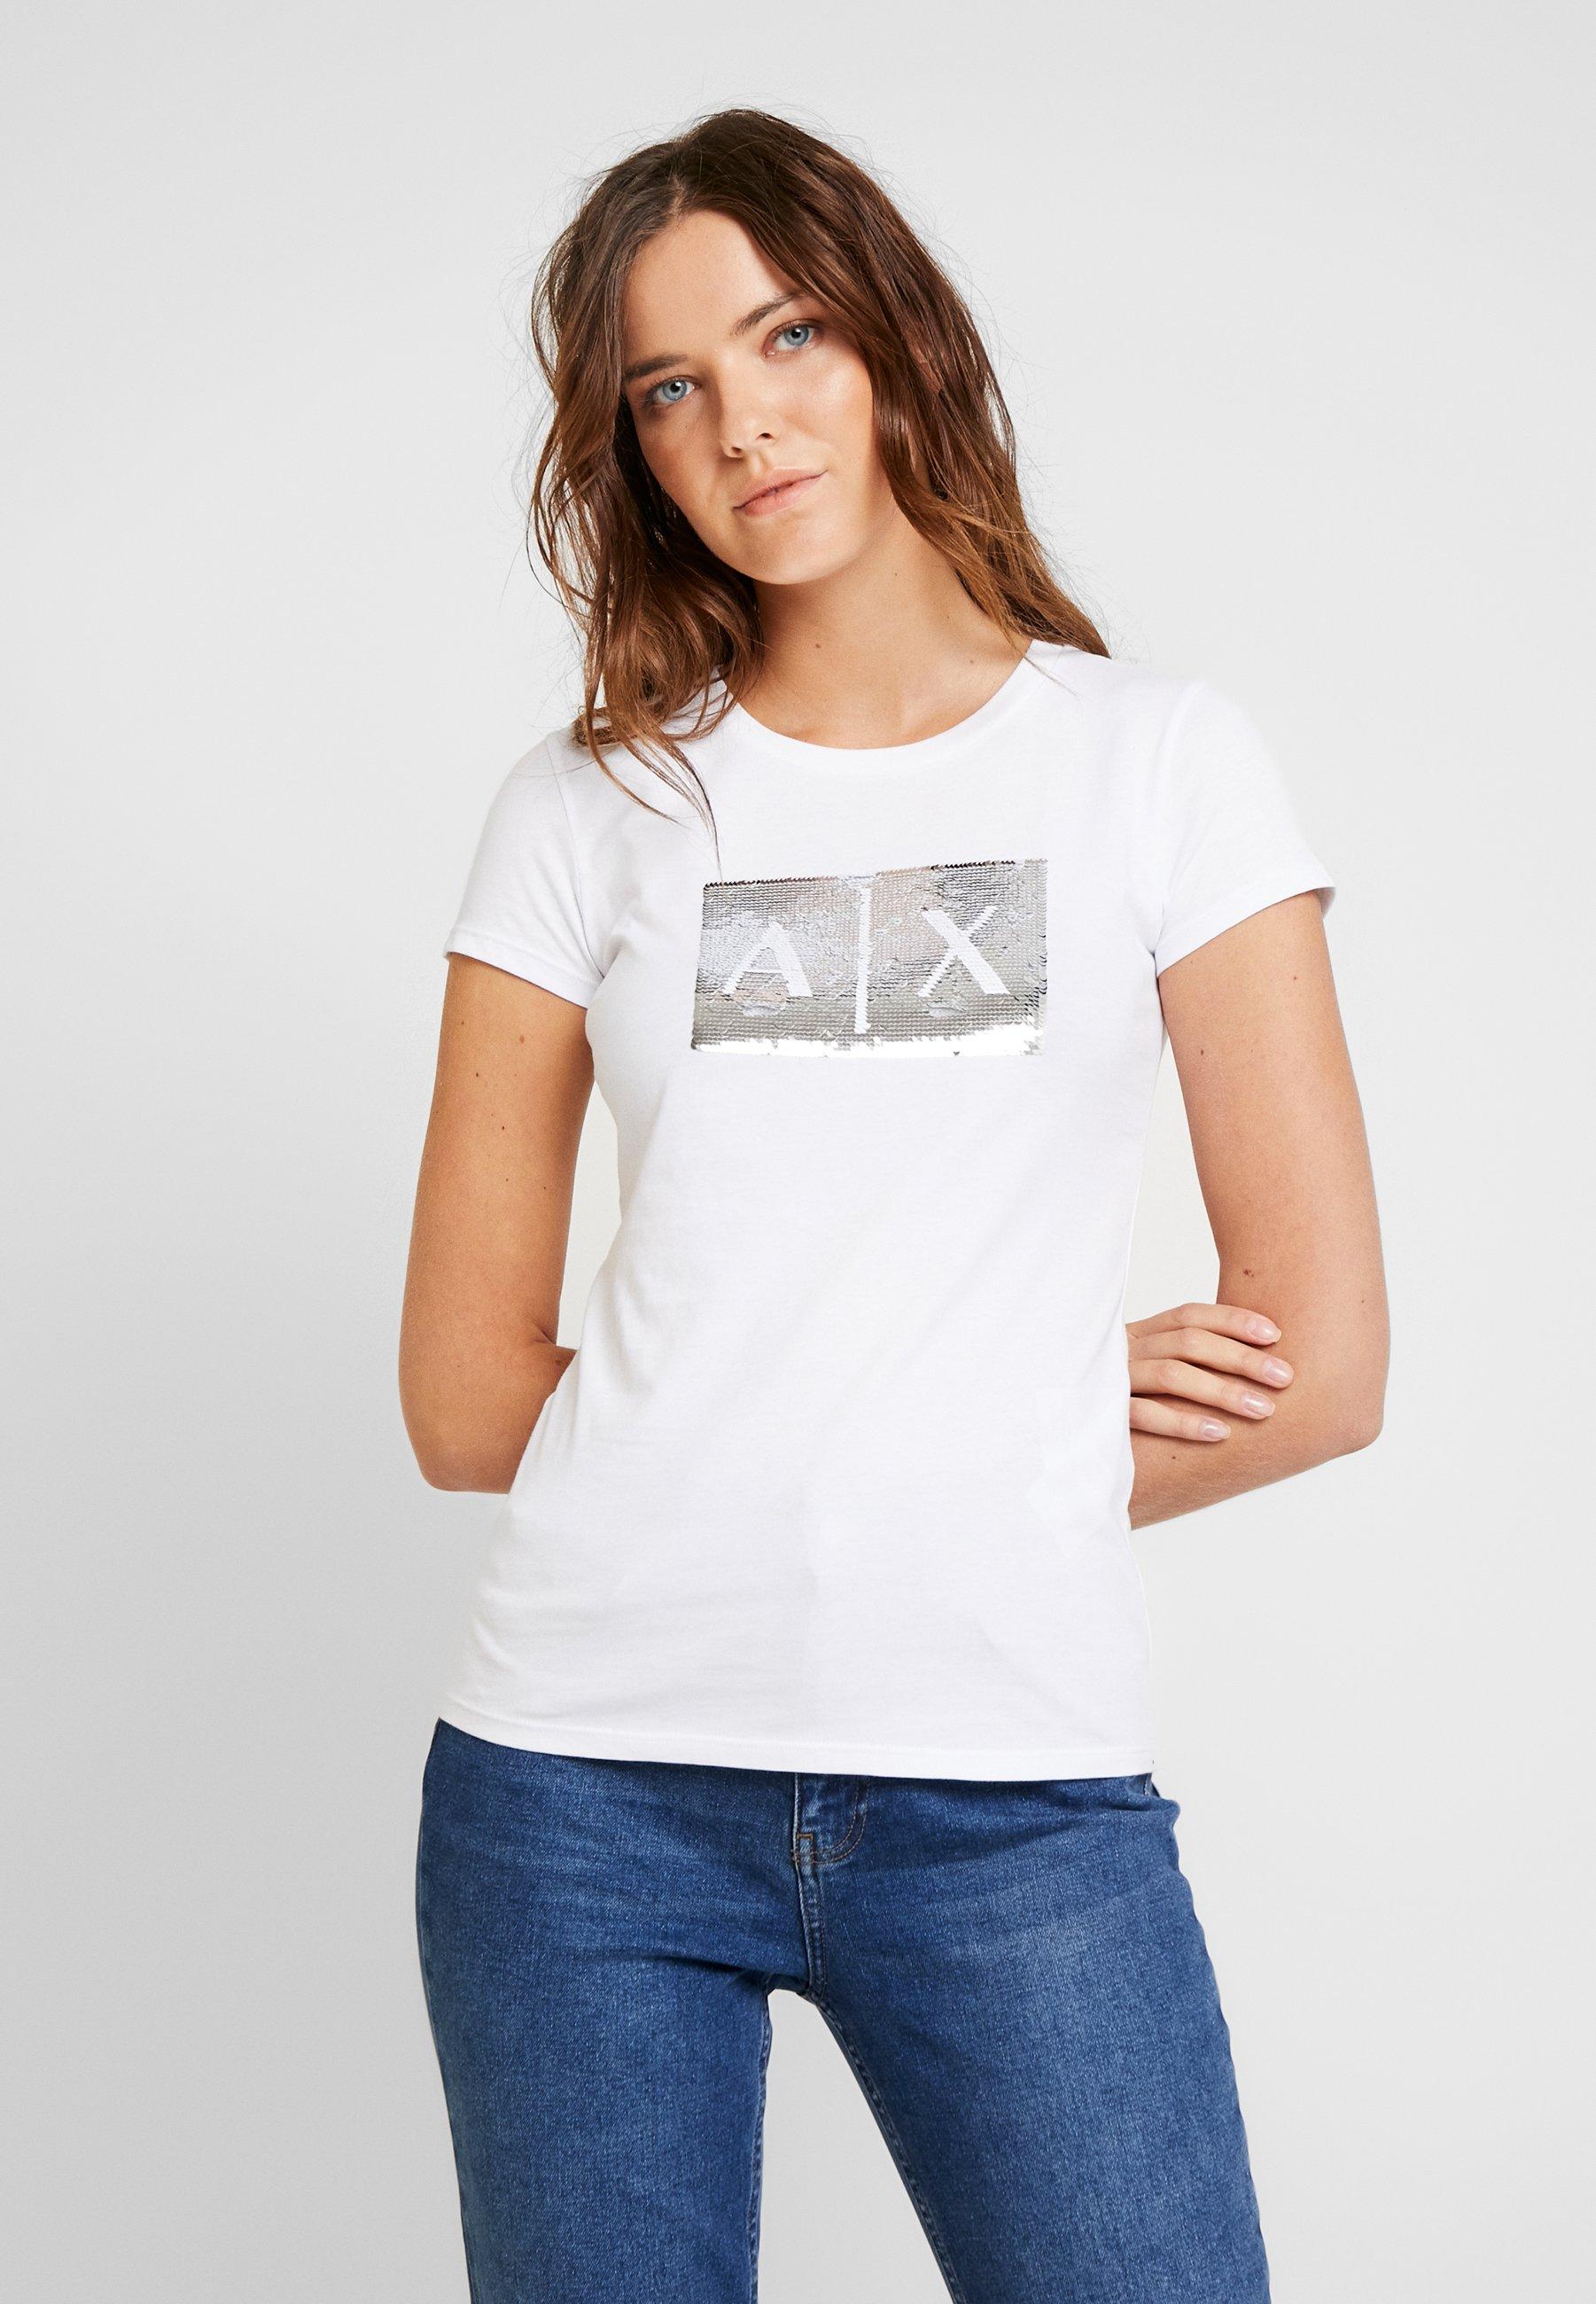 T Armani shirt ImpriméWhite Exchange Ground myv8n0wON